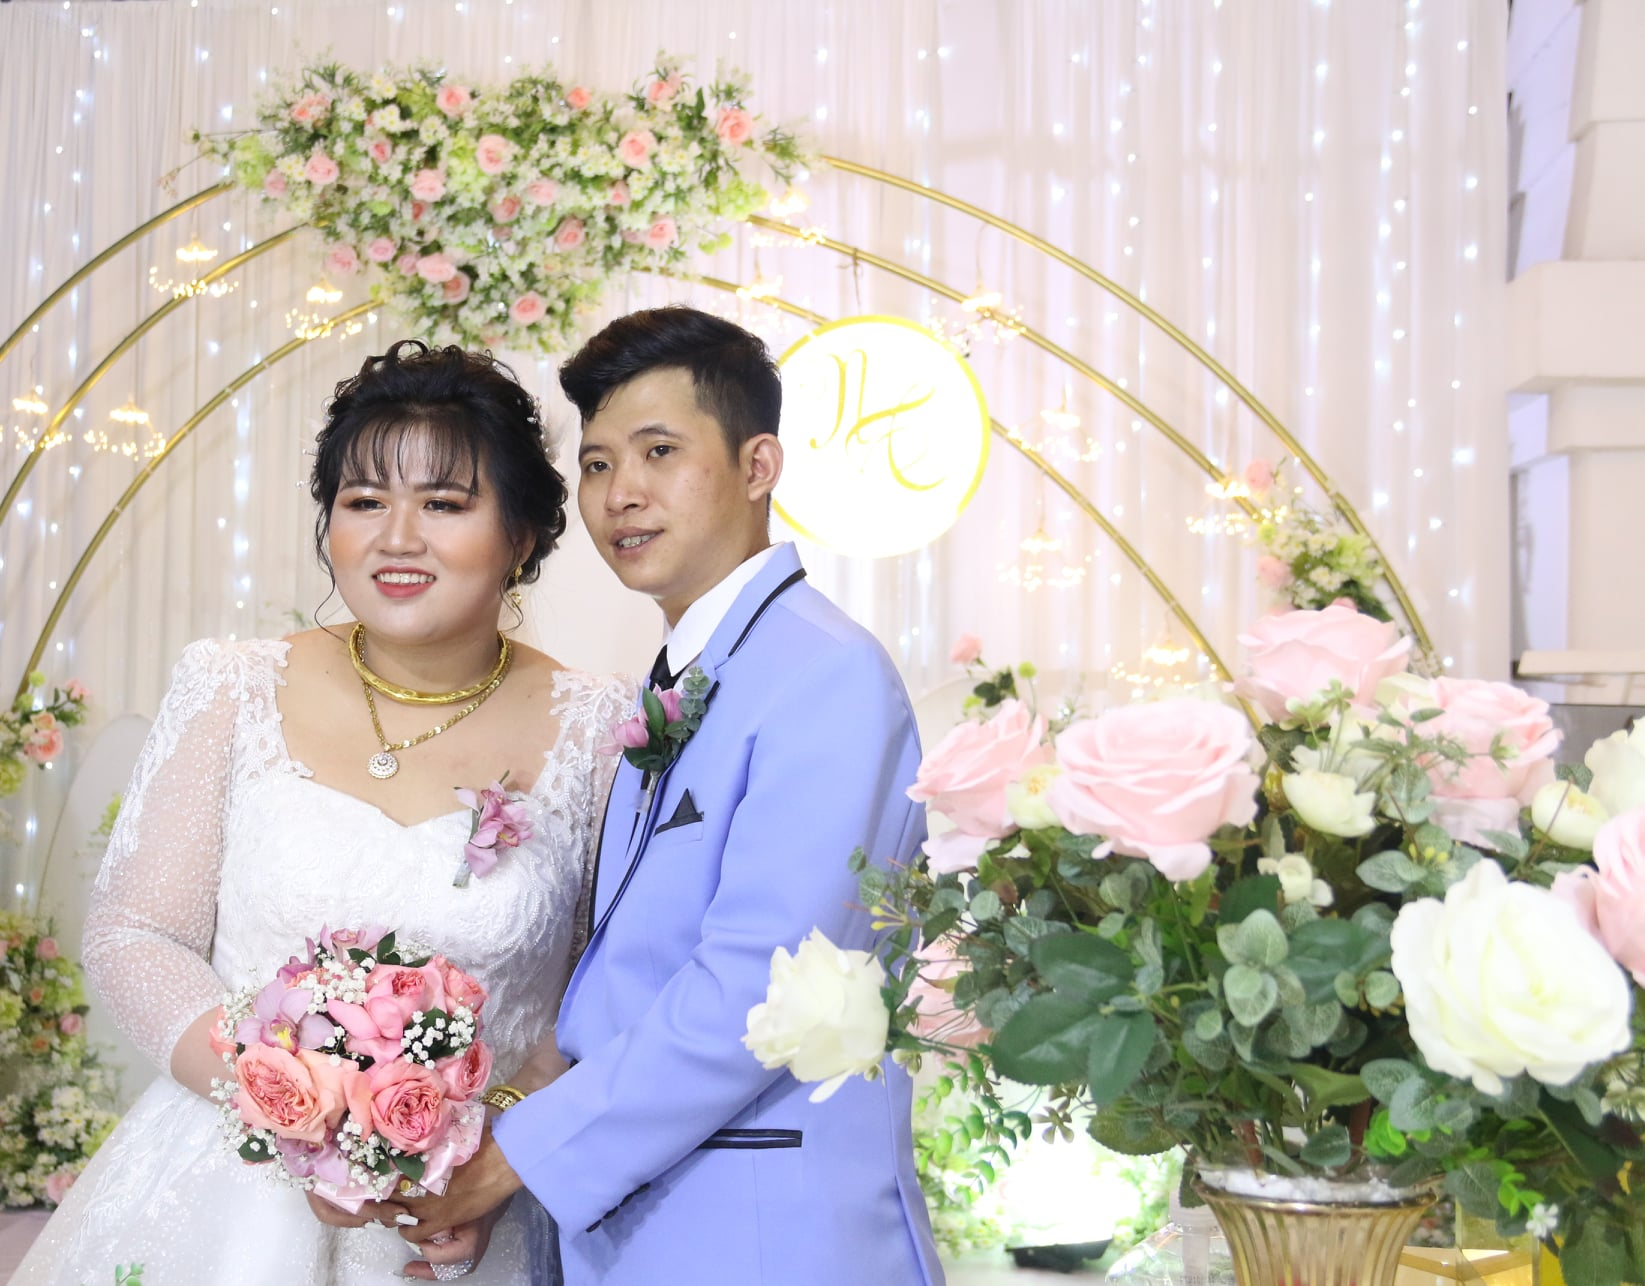 Cô dâu Diễm Nhi & Chú rể Văn Tuấn